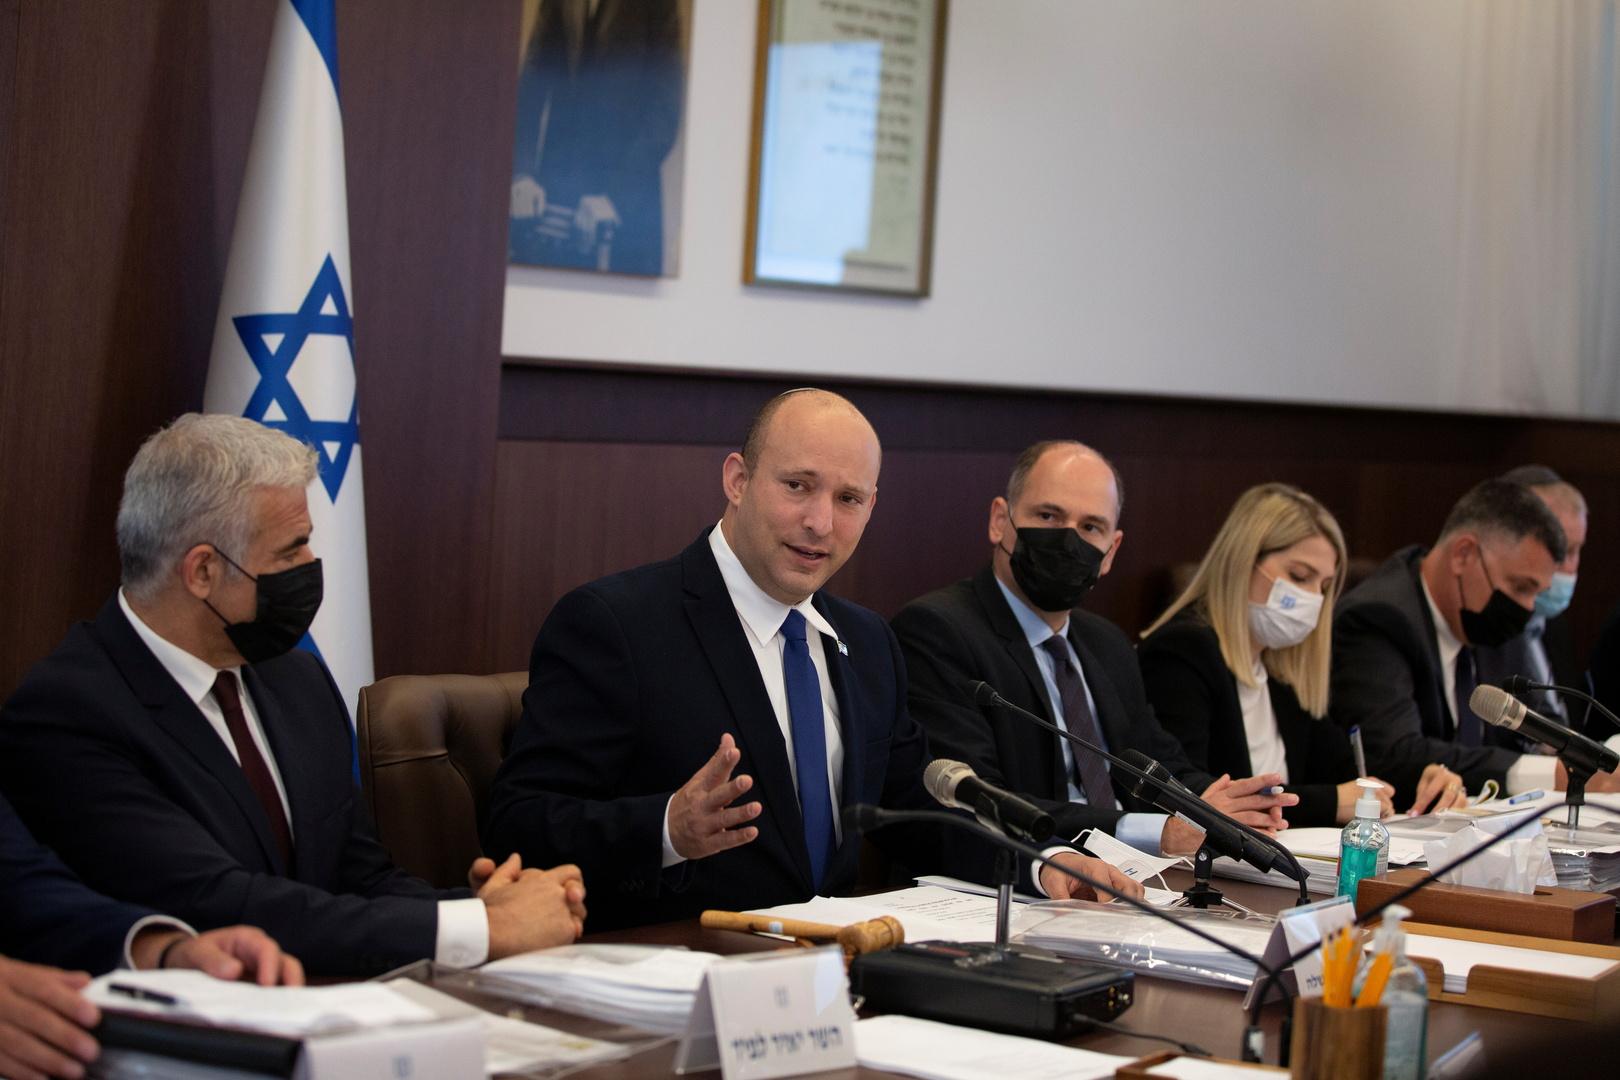 تقارير: تشديد الحماية لوزراء بالحكومة الإسرائيلية بعد تهديدات بالقتل